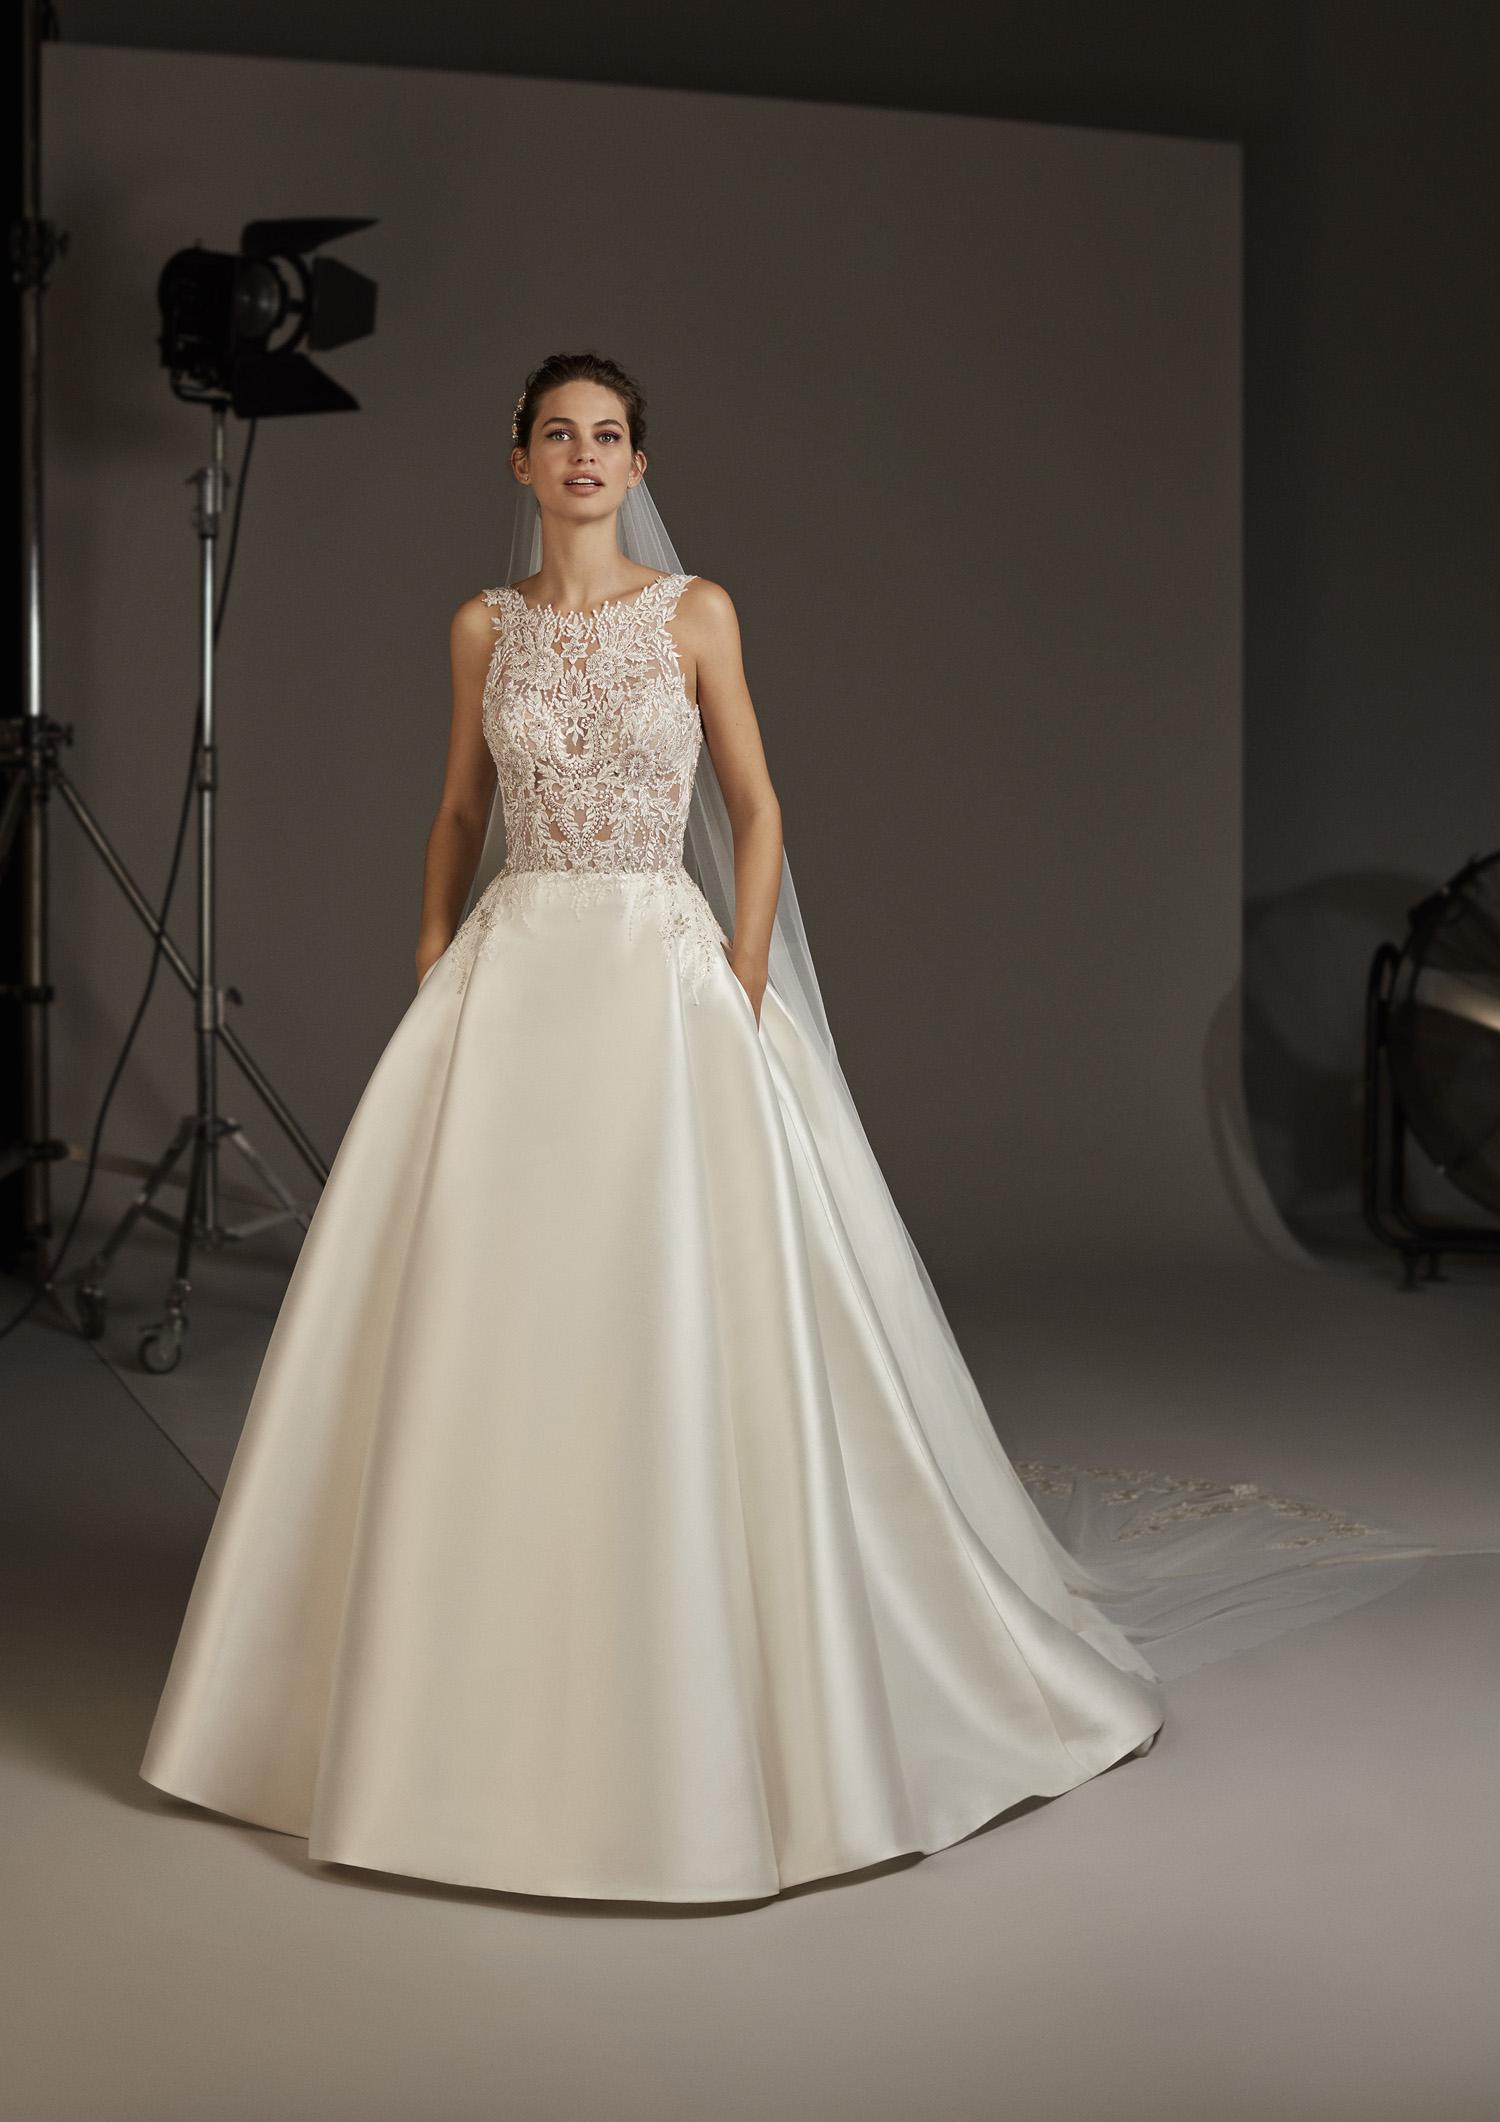 Abiti Da Sposa Pronovias.Abito Da Sposa Pronovias 2020 Virgo Mariages It Abiti Sposa